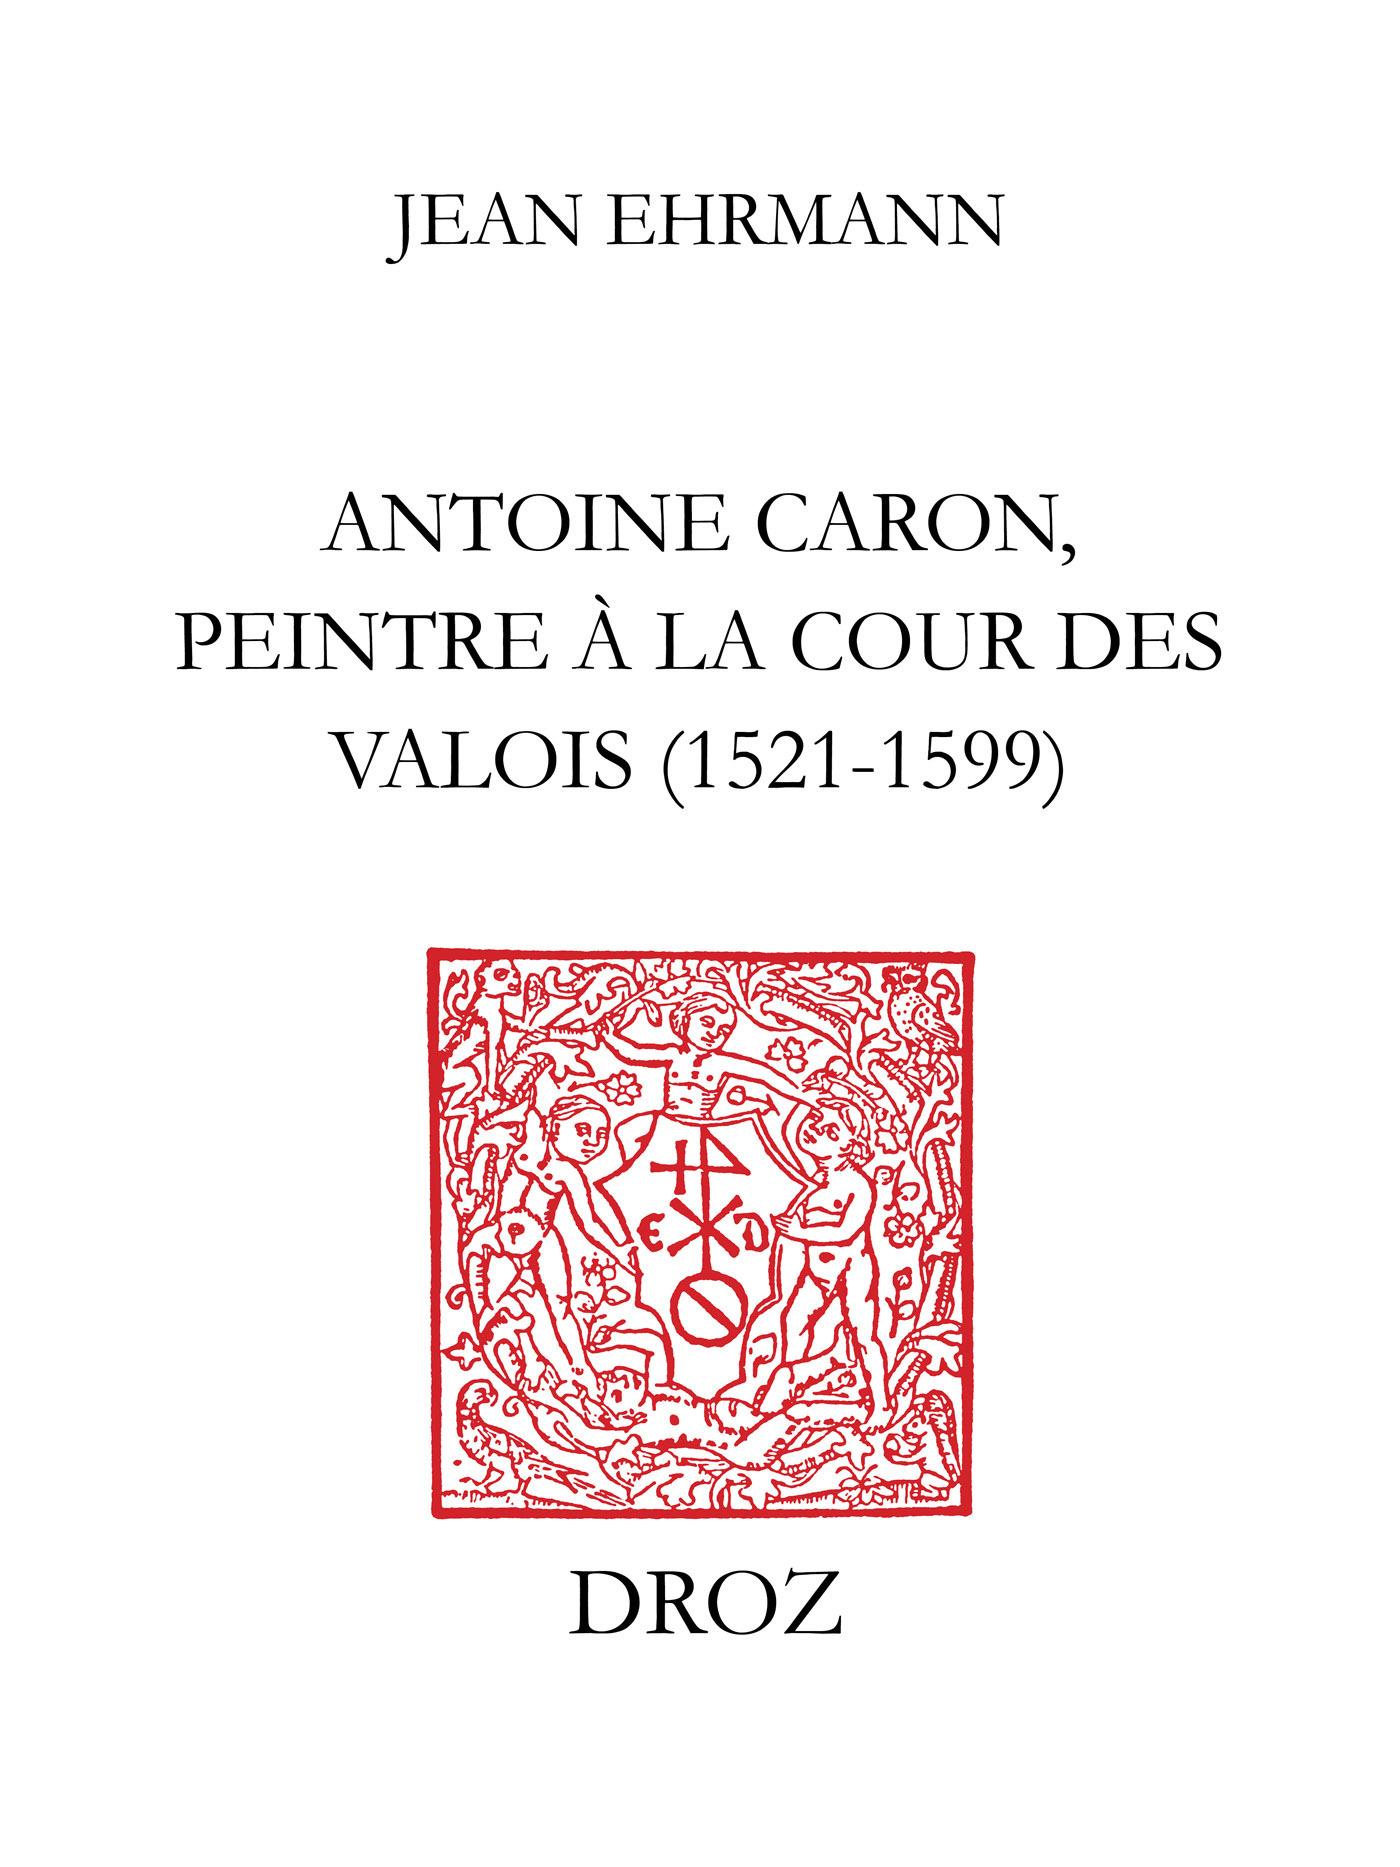 Antoine Caron, peintre à la Cour des Valois : 1521-1599  - Jean Ehrmann